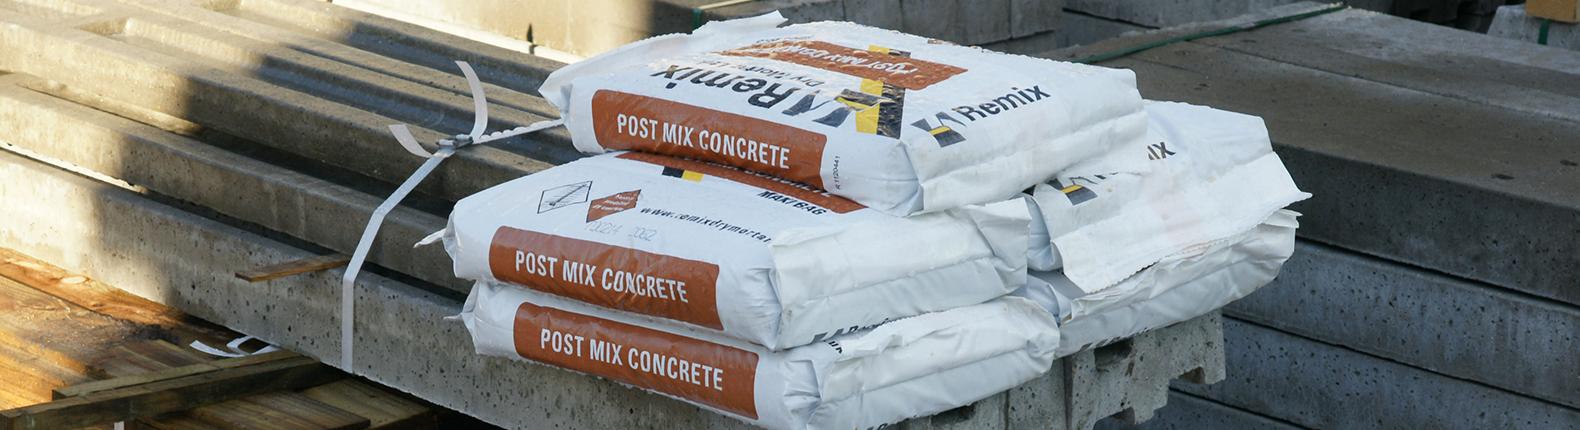 How Do I Use Post Mix Concrete?